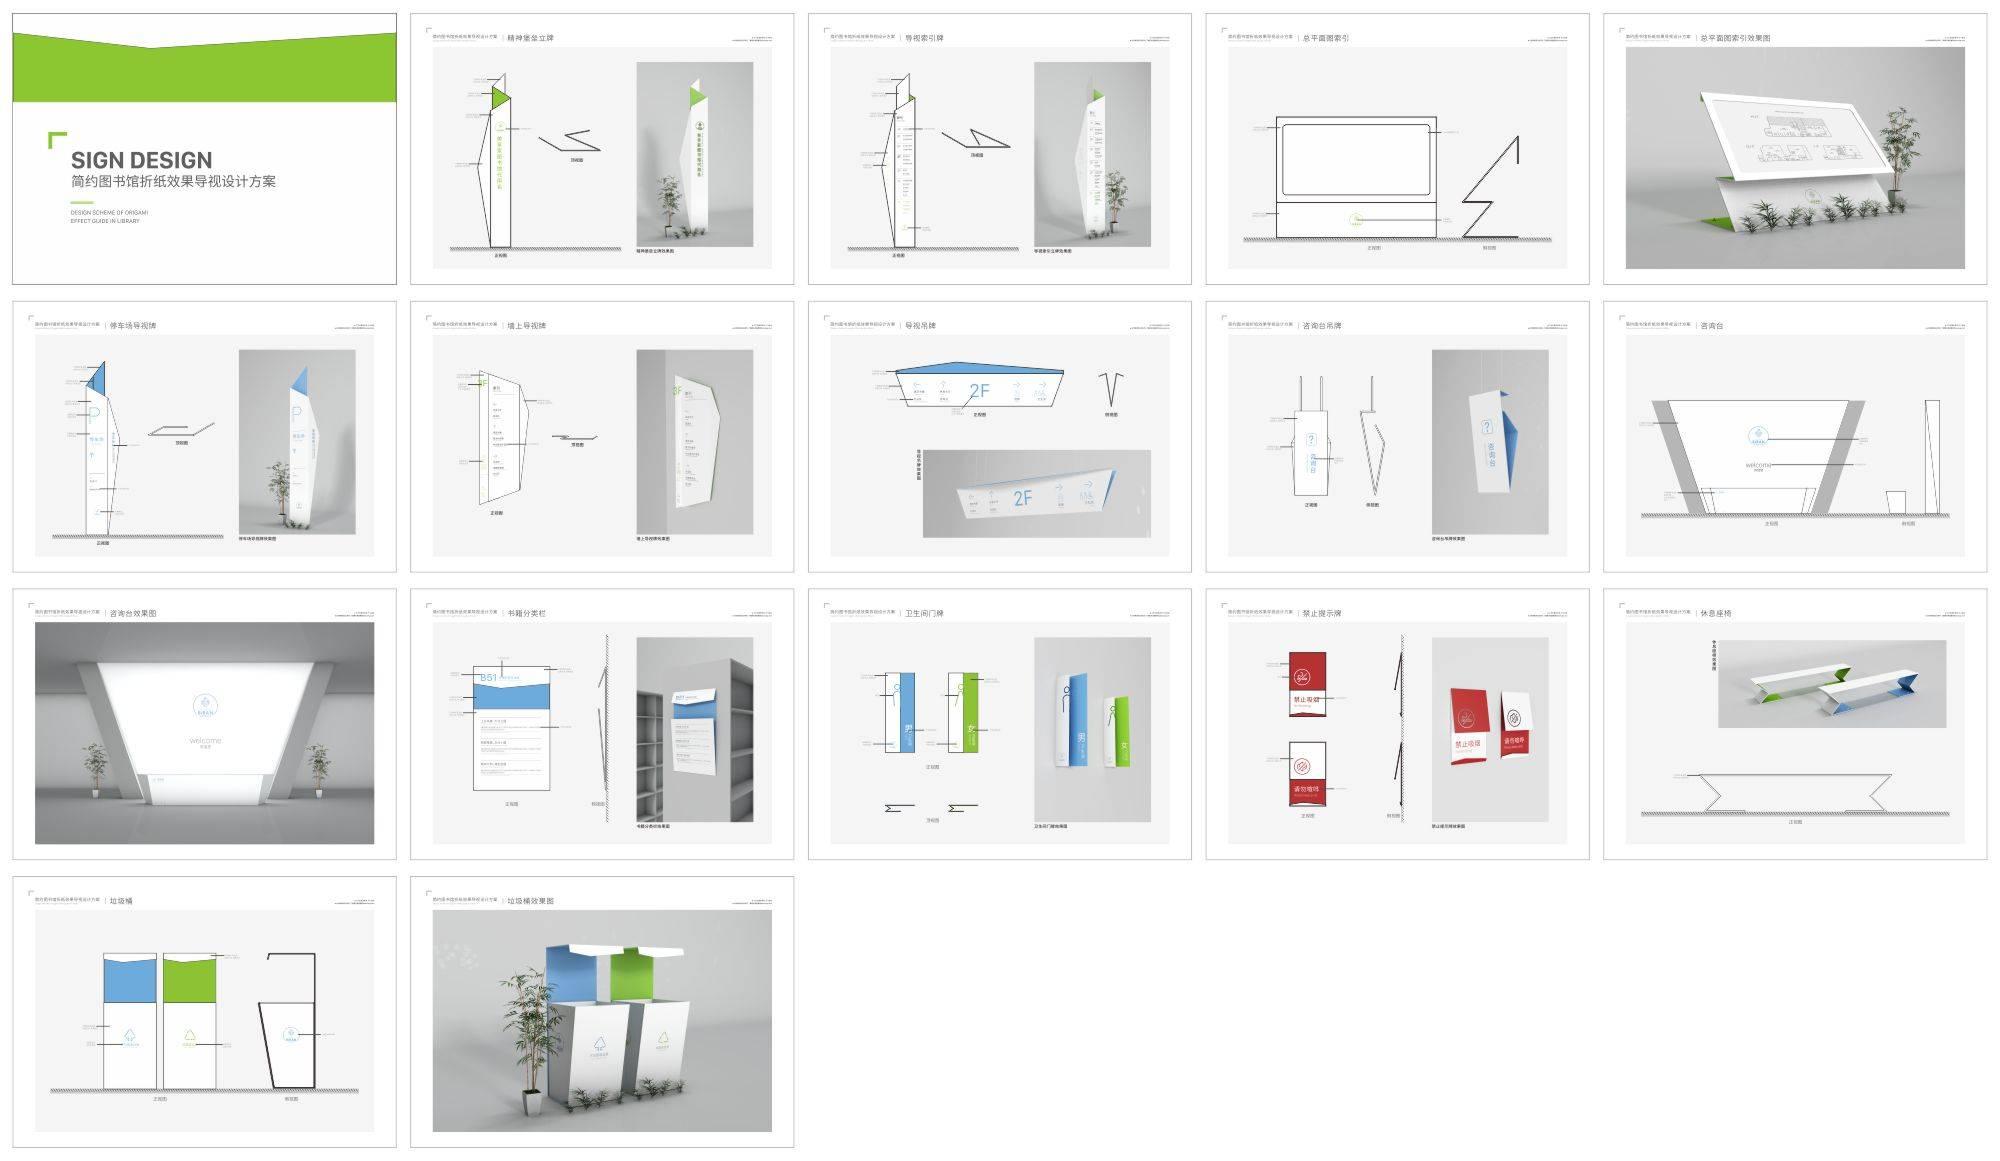 【必然云创·原创作品系列】之《创意简约图书馆书店折纸造型导视系统设计概念方案》